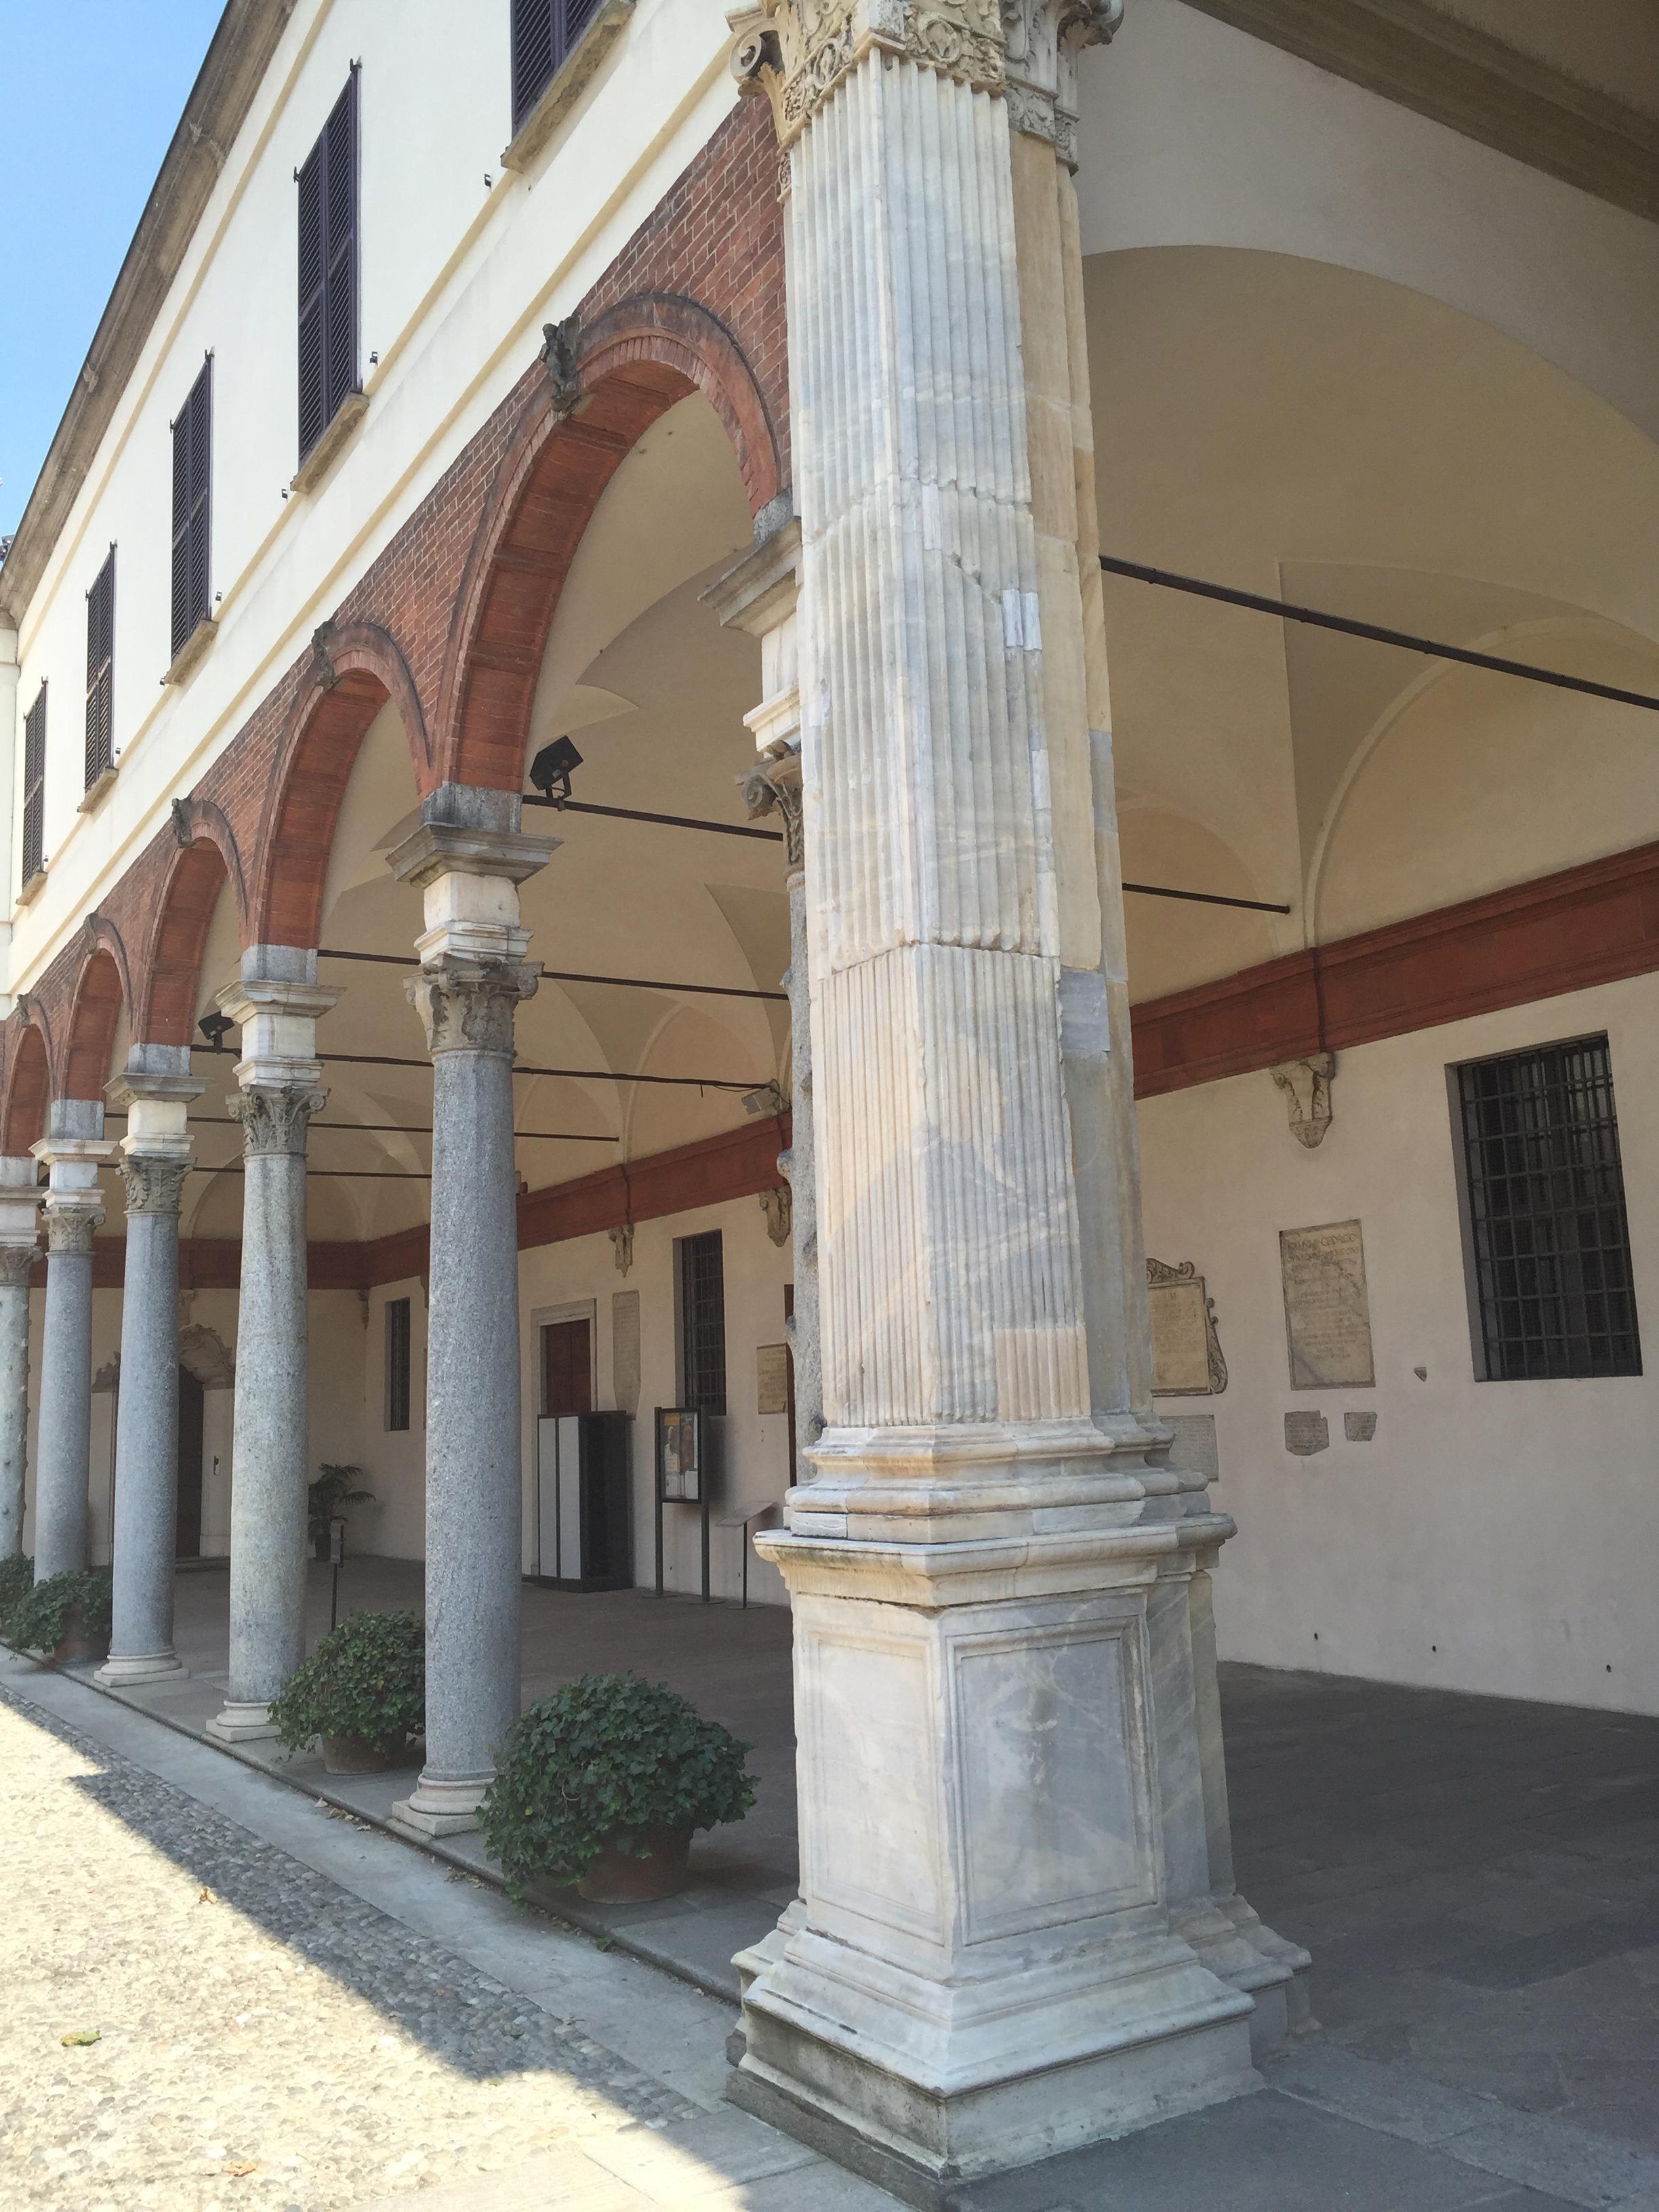 S. Ambrogio TC courtyard entlang